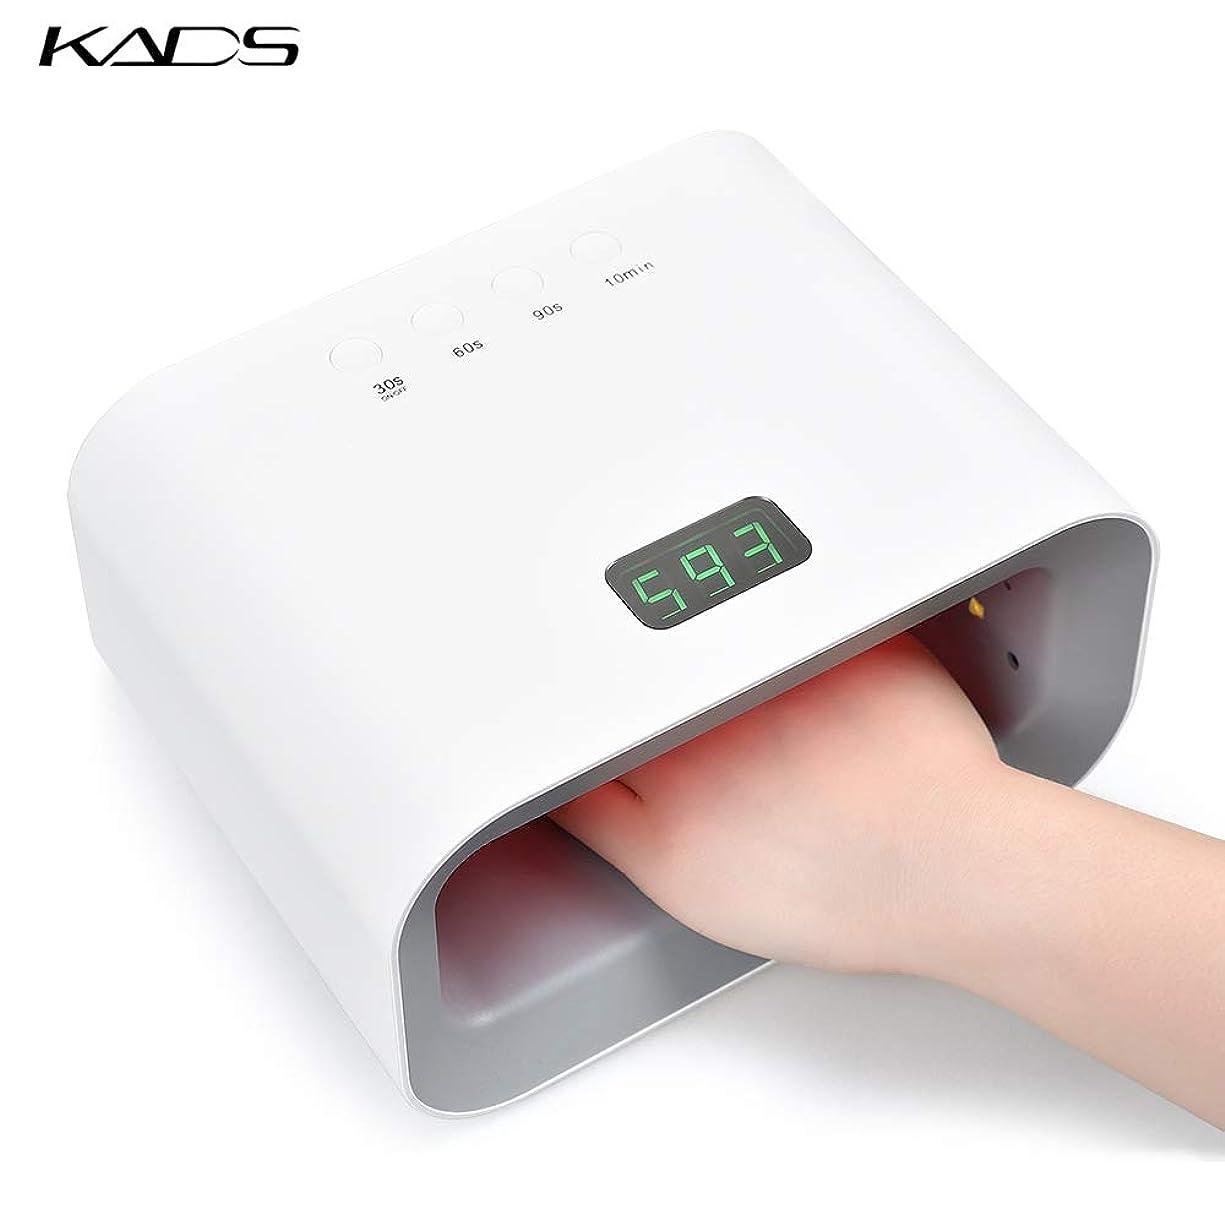 牧師前置詞回想KADS LEDネイルドライヤー UV/LEDライト 90W 美白機能付き 3段階タイマー設定 高速硬化 硬化用ライト ランプ ジェルネイル用 赤外線検知